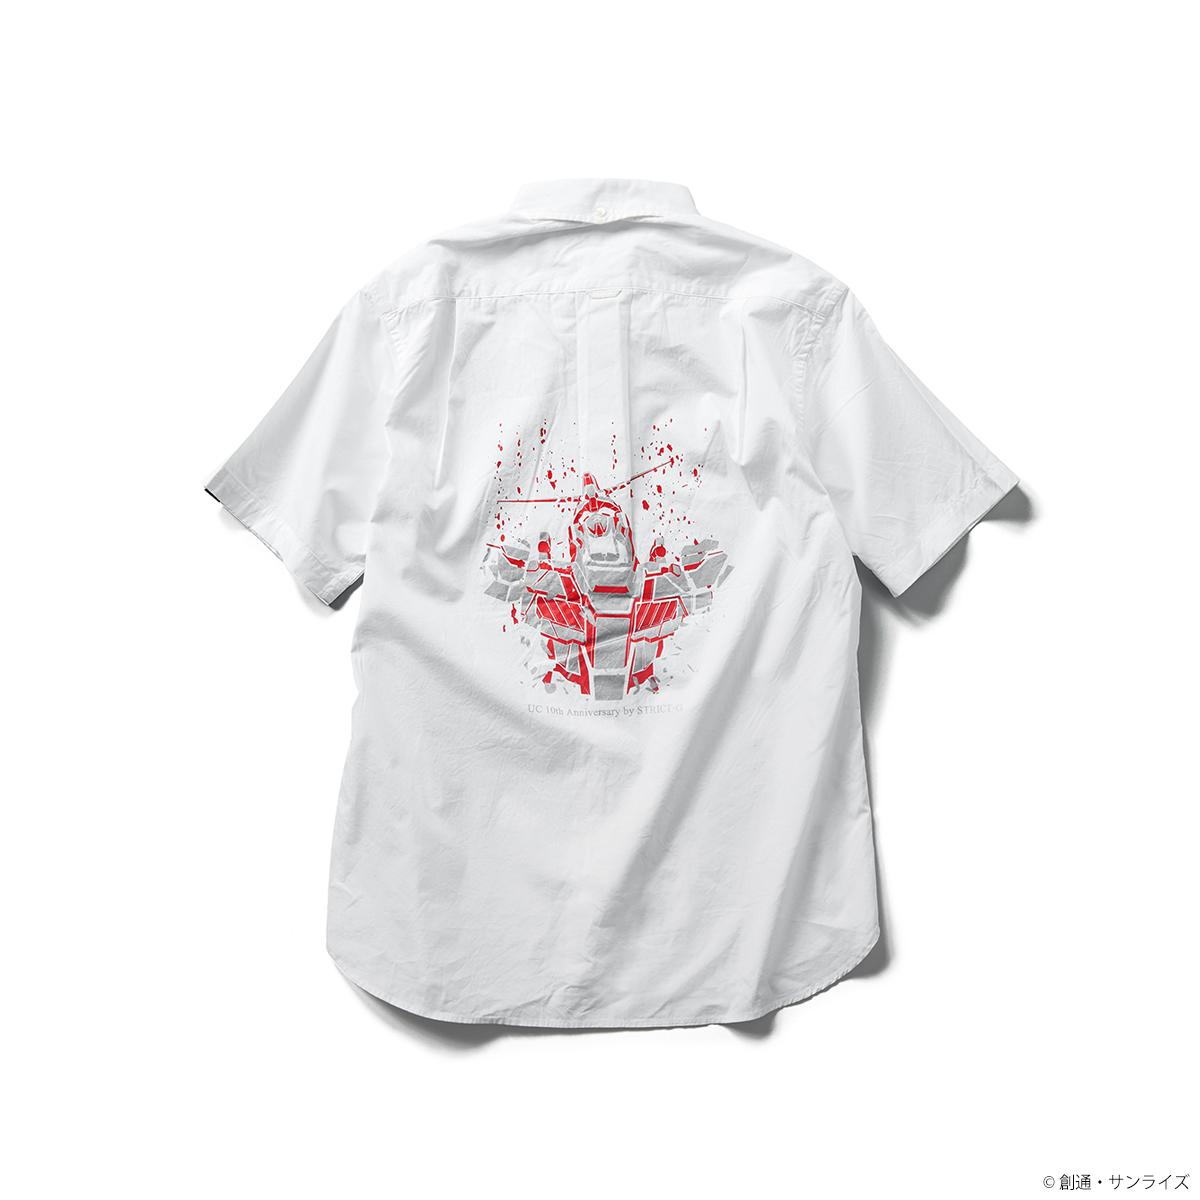 『機動戦士ガンダムUC』OVA公開10周年記念 新作アパレルコレクション発売!